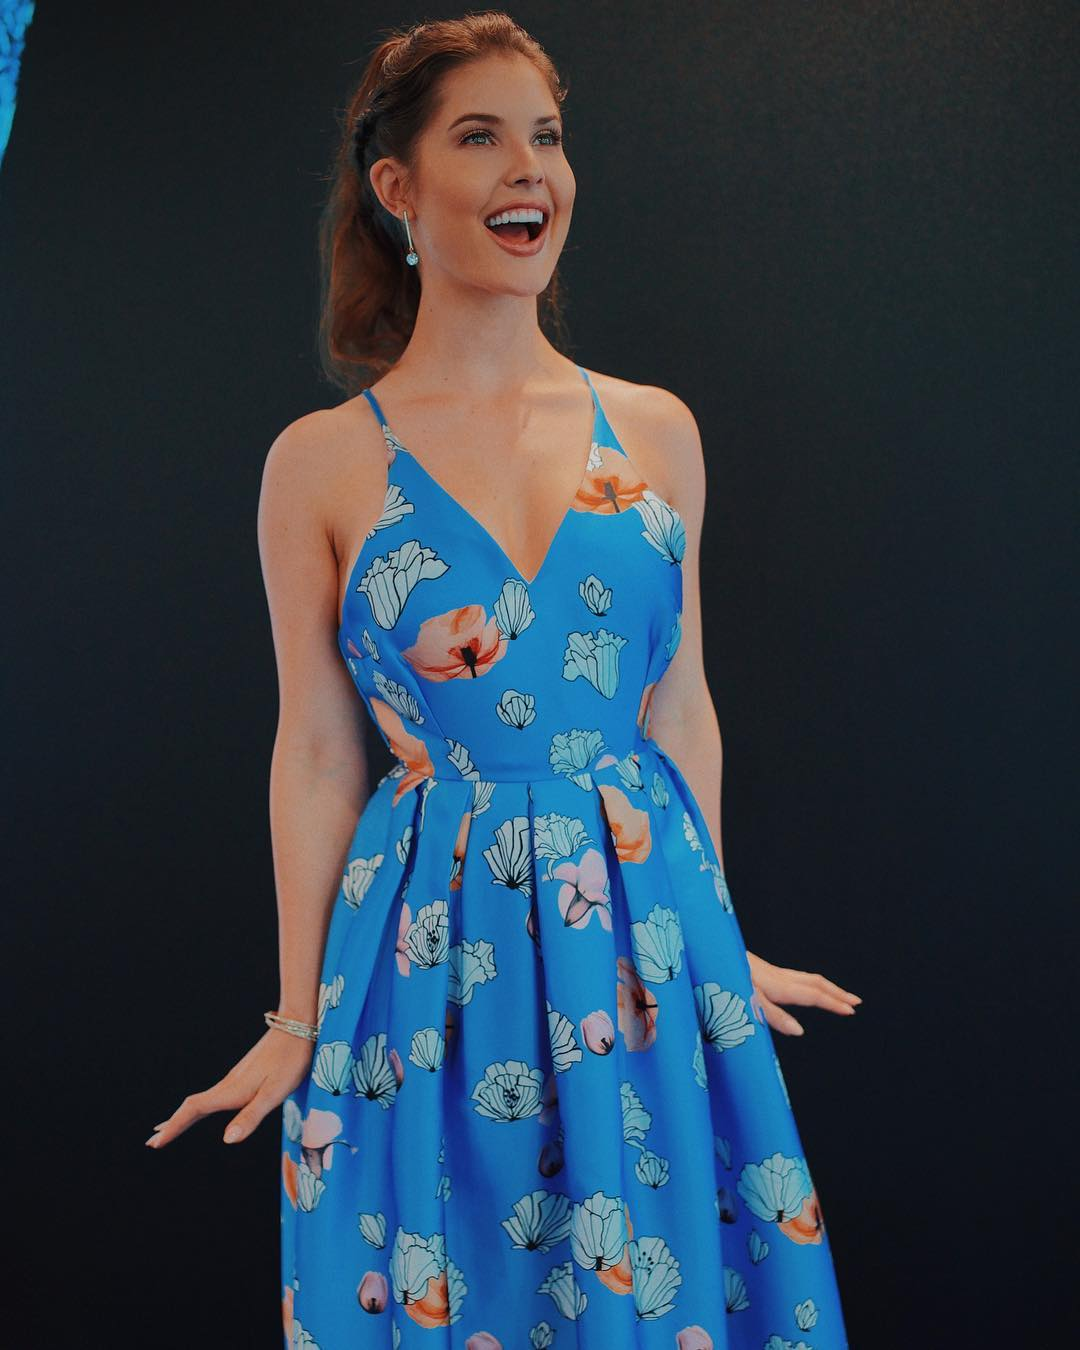 世界名模阿曼达塞尔尼(amanda cerny)摄影照片!